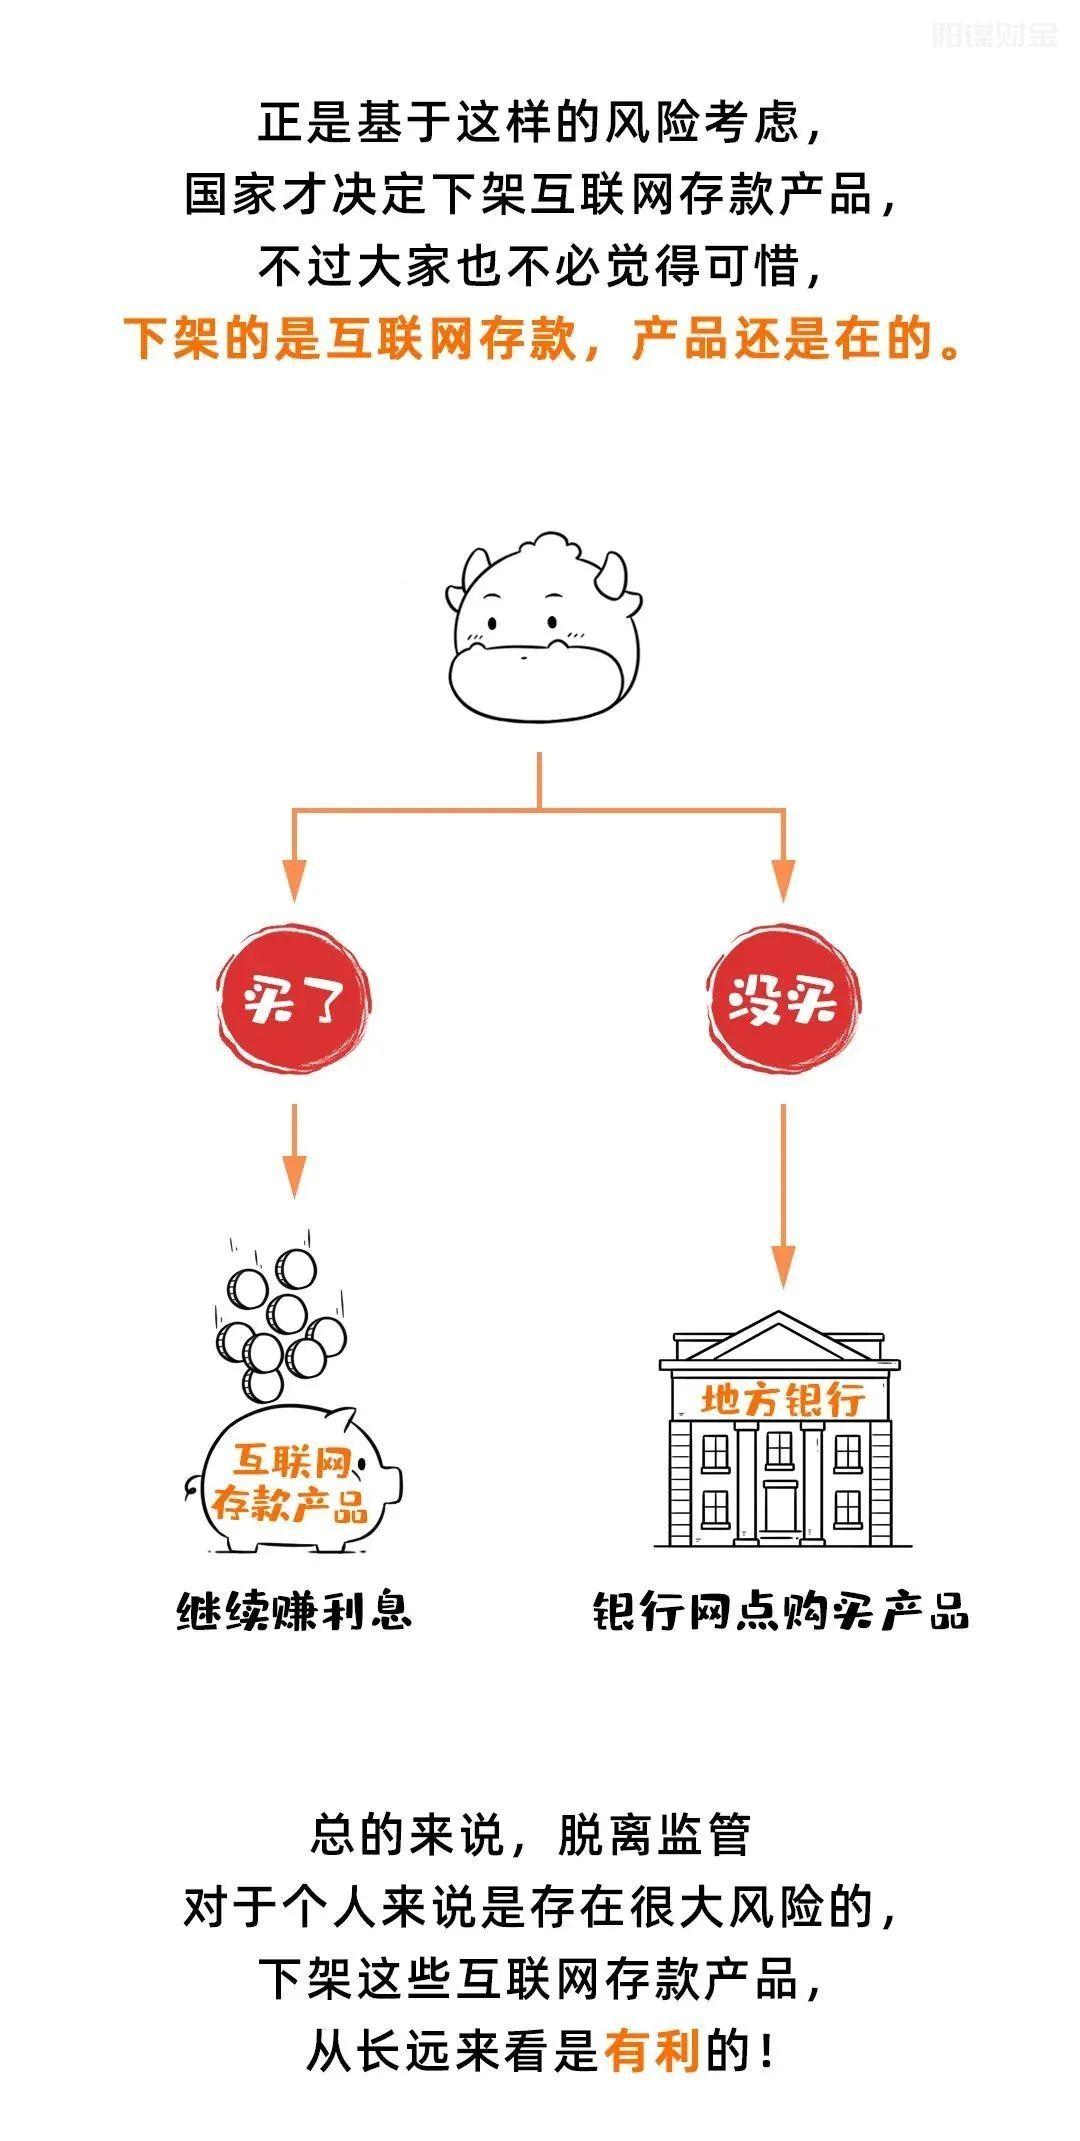 全线下架:一文看懂互联网金融平台集体下架存款产品的原因